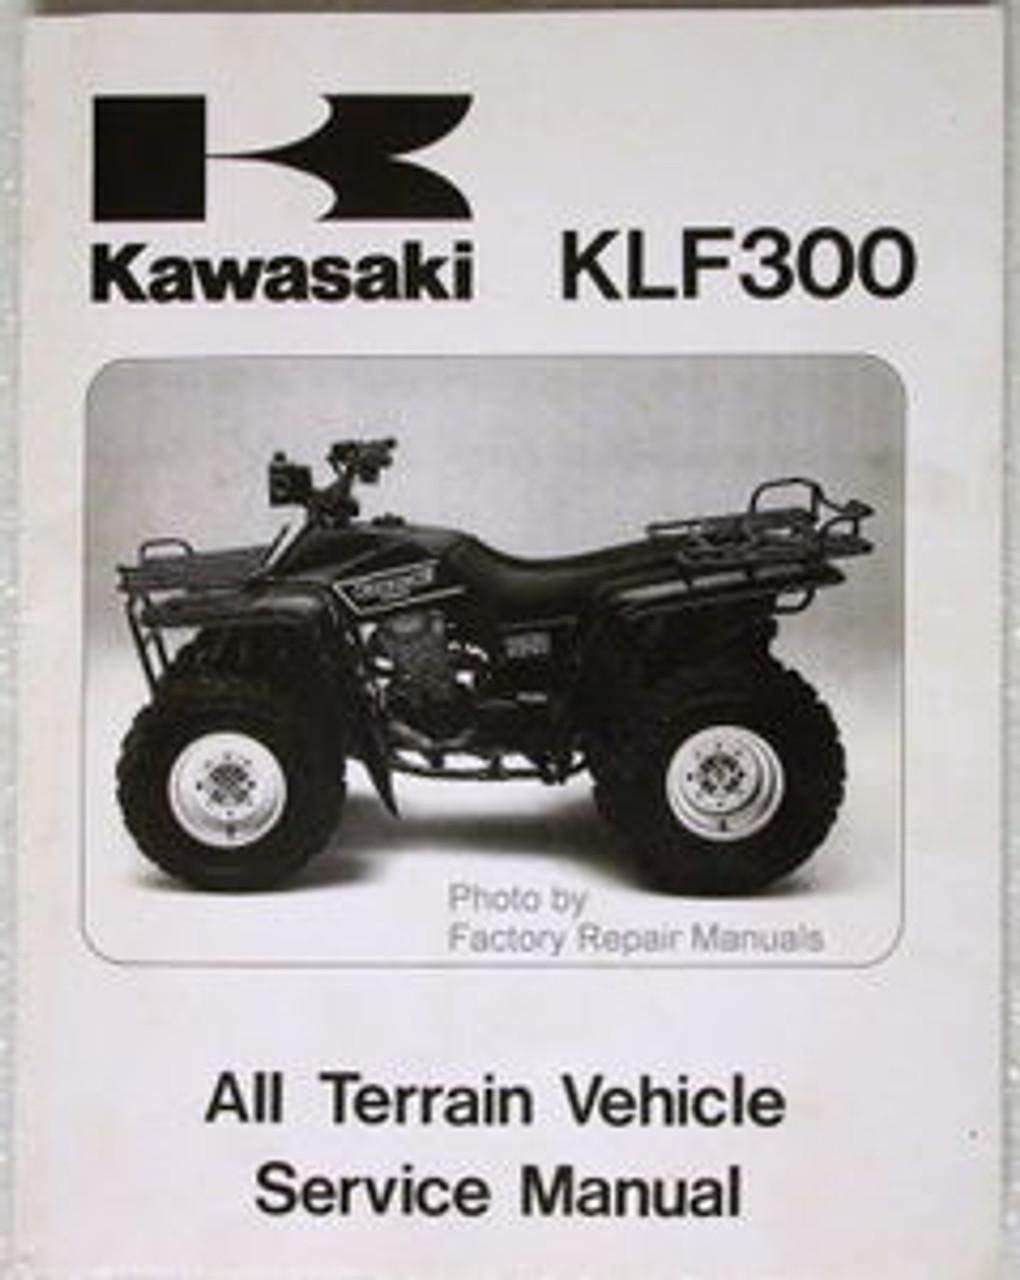 1986 1987 KAWASAKI BAYOU 300 ATV Factory Service Manual KLF300-A1 A2 Shop  Repair - Factory Repair ManualsFactory Repair Manuals